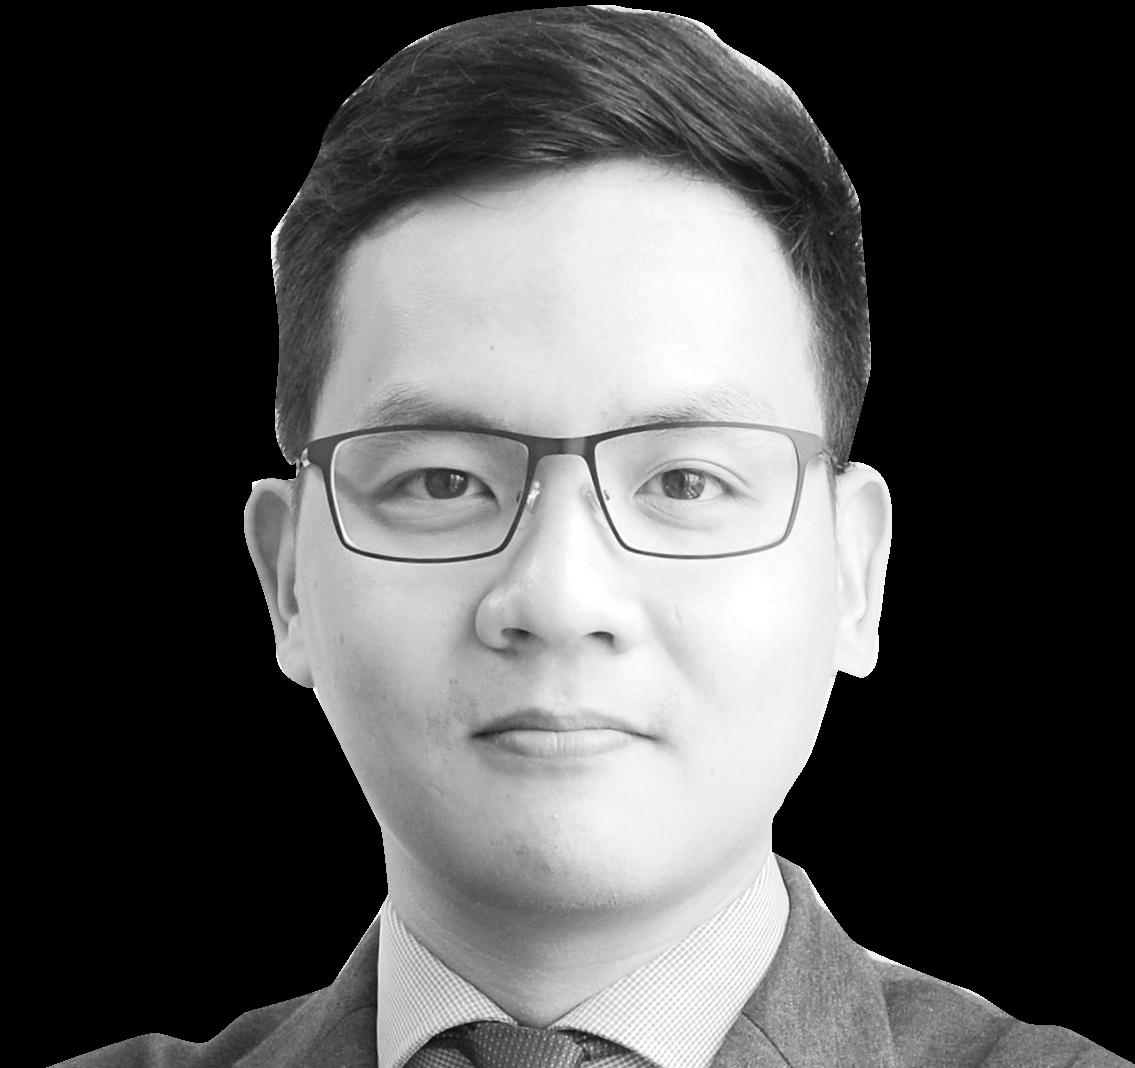 Lê Nguyễn Duy Hậu